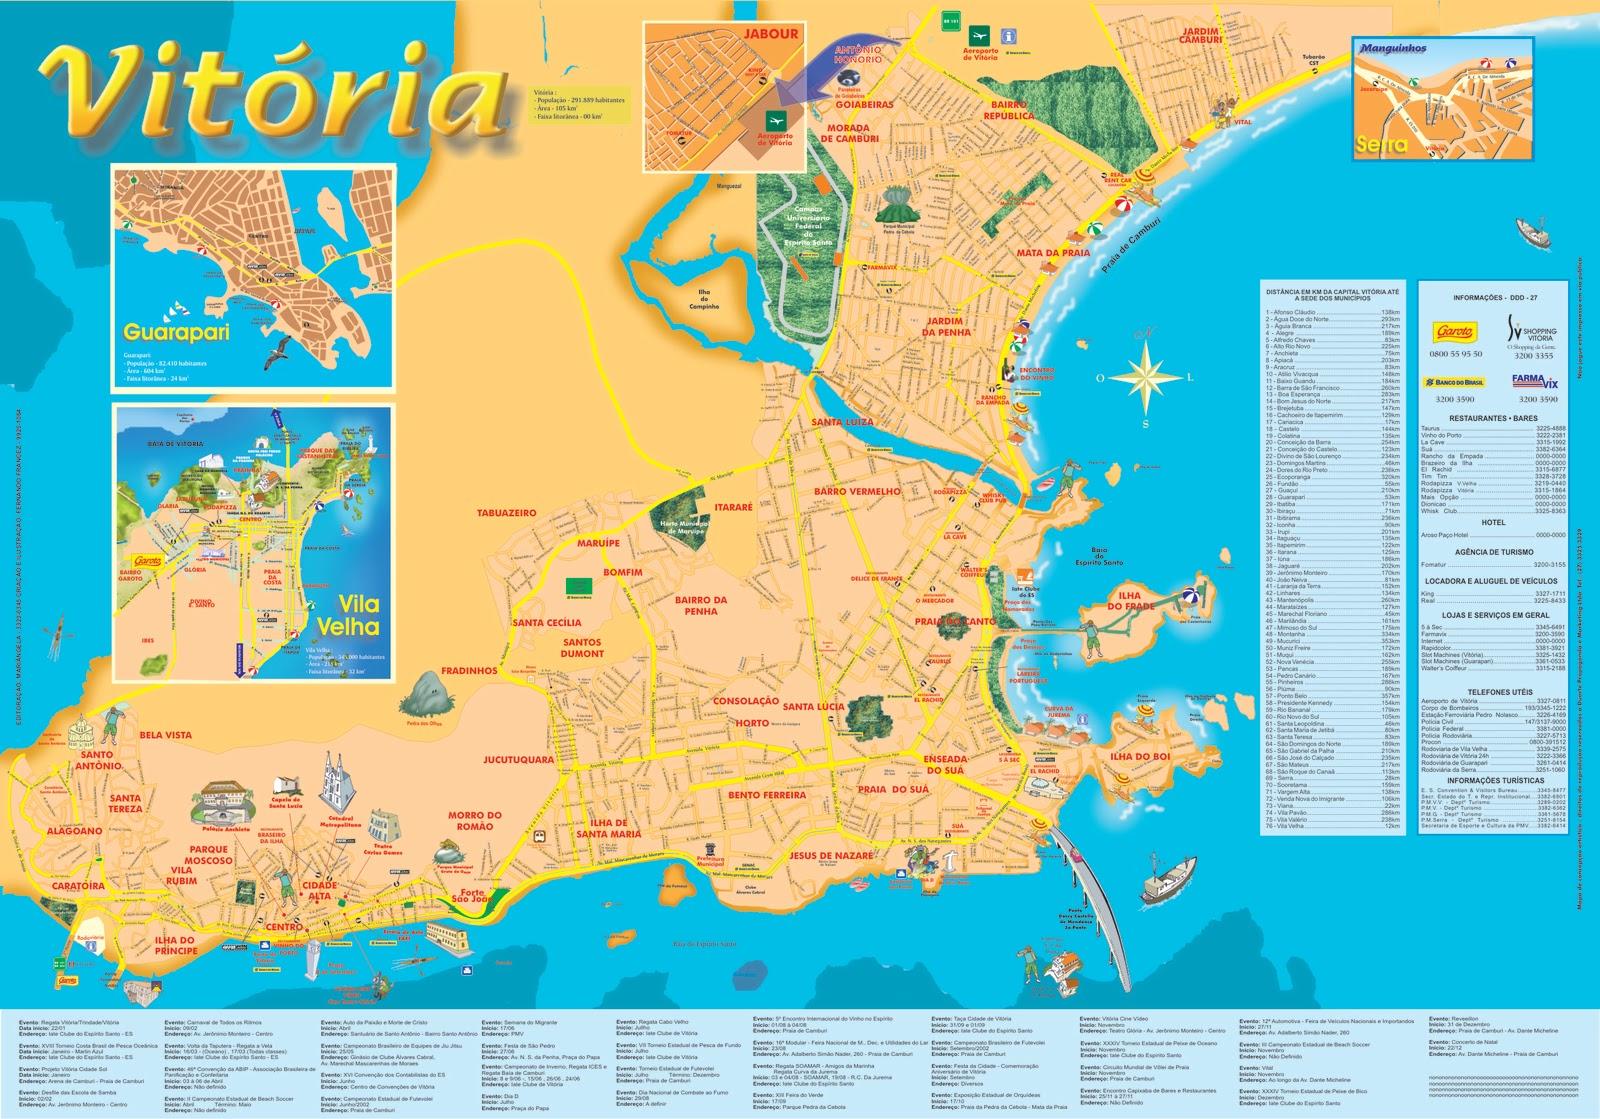 mapa da praia da vitoria Mapas de Vitória   ES | MapasBlog mapa da praia da vitoria